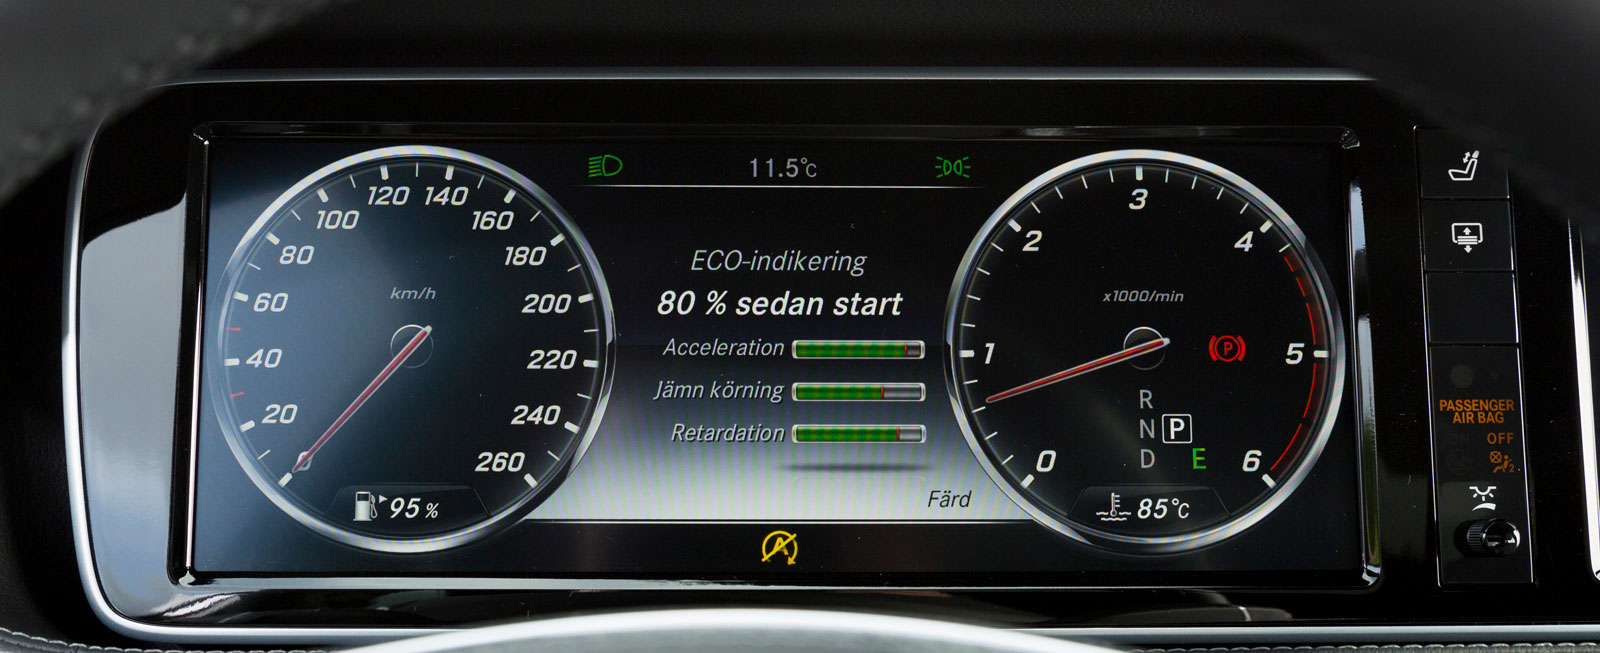 Bra och tydlig digital mätartavla, men med färre finesser än BMW och Tesla.